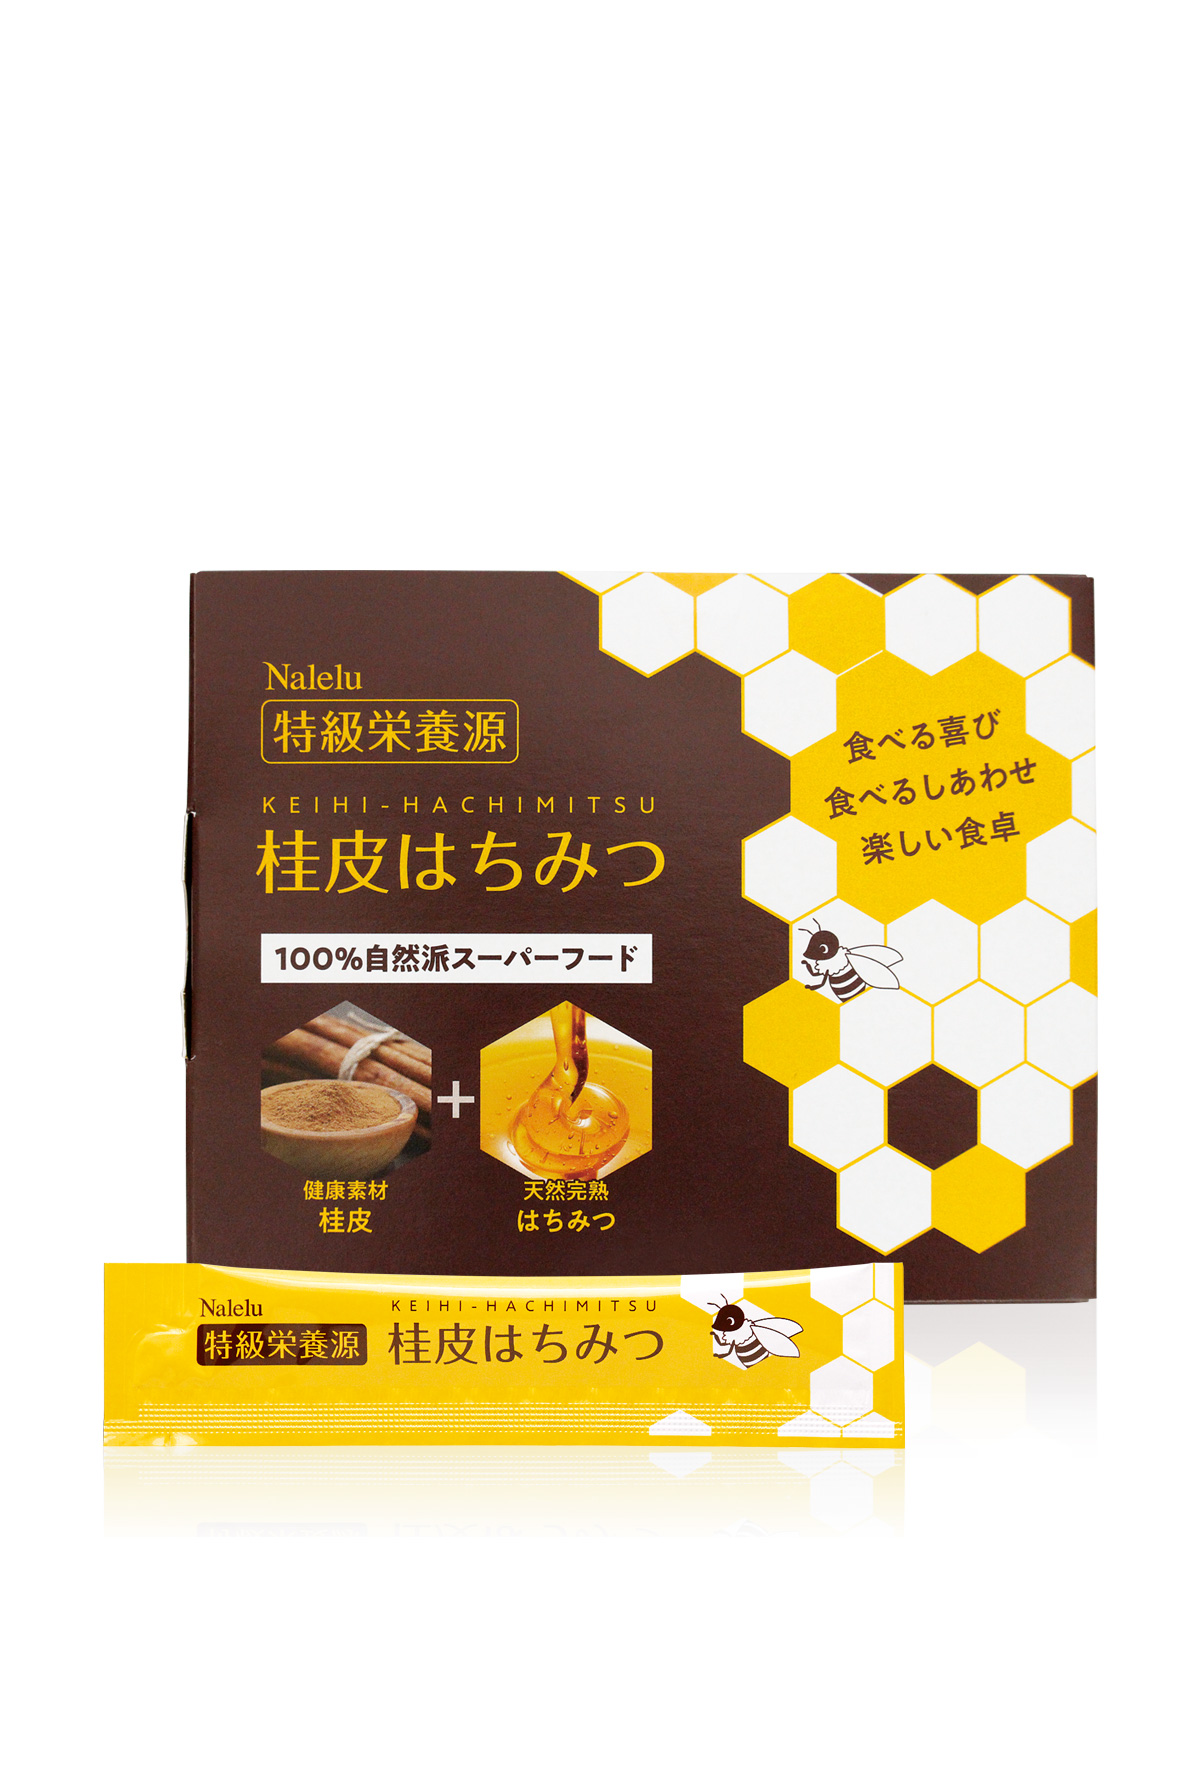 特級栄養源 桂皮はちみつ10包入り定価1800円特別値引 1300円